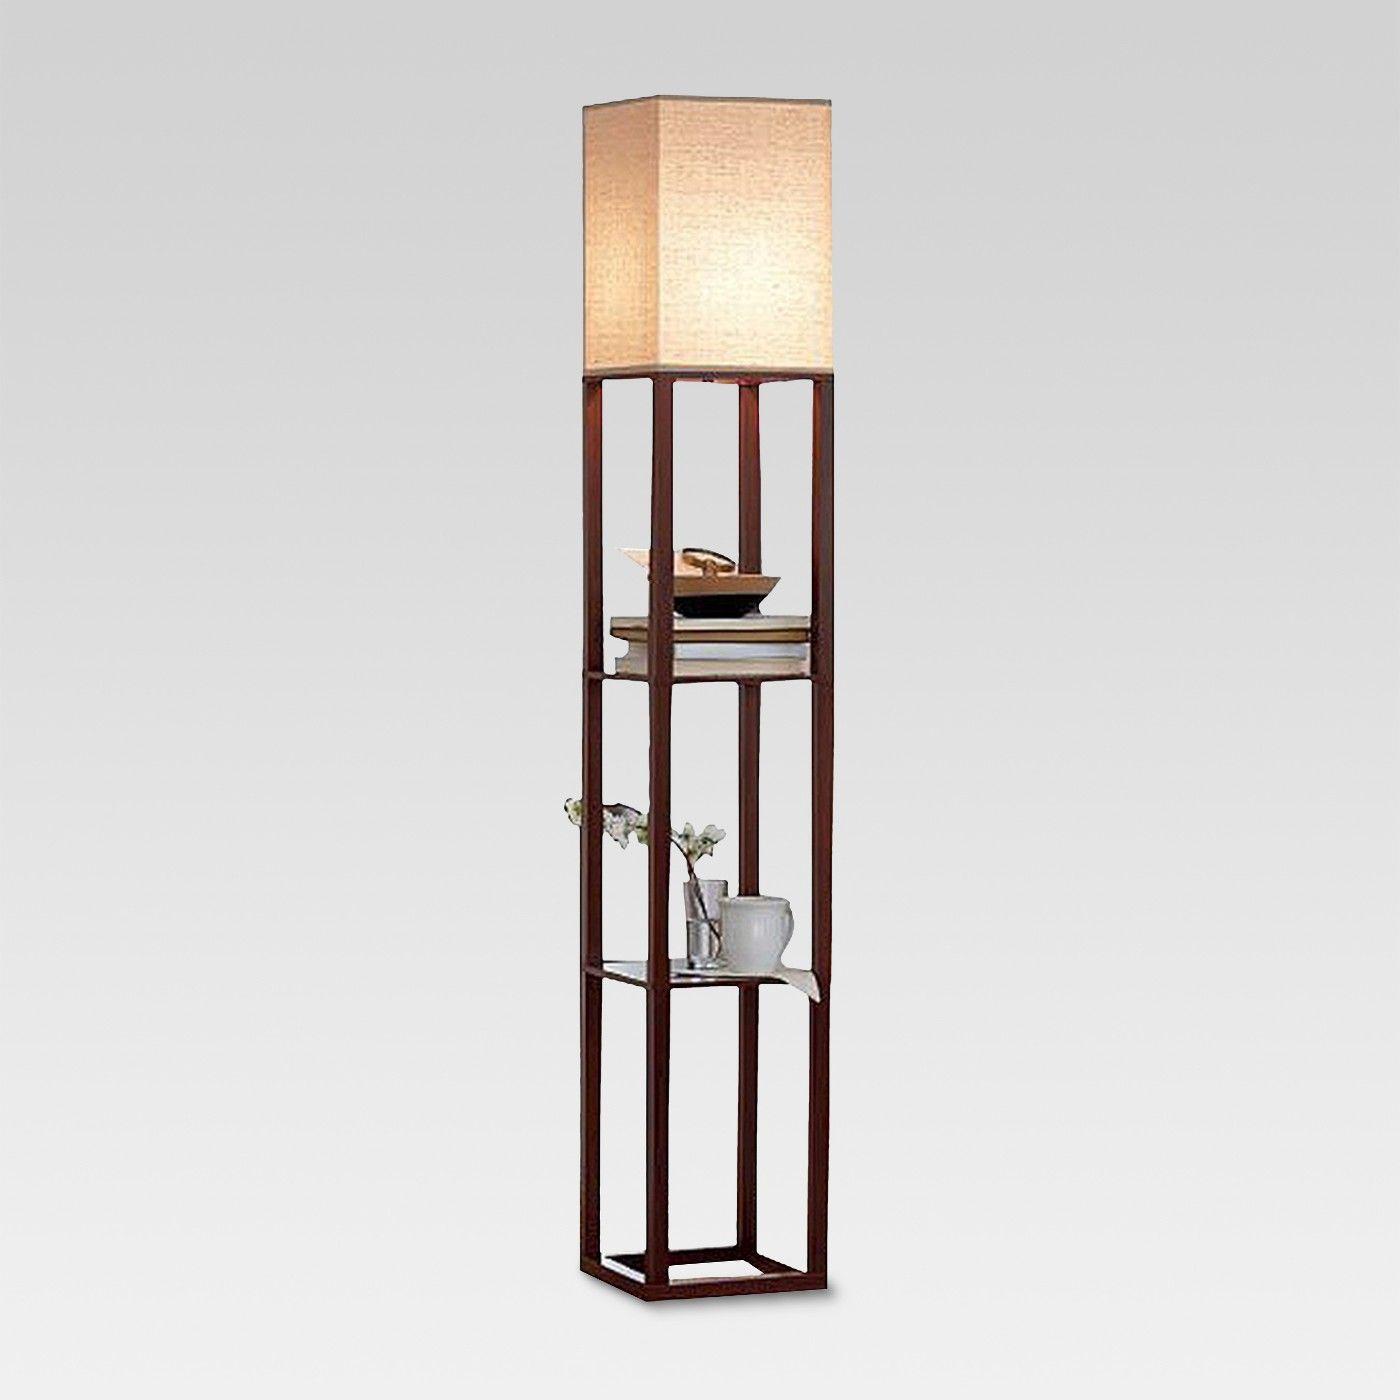 Shelf Floor Lamp Threshold™ Floor lamp with shelves